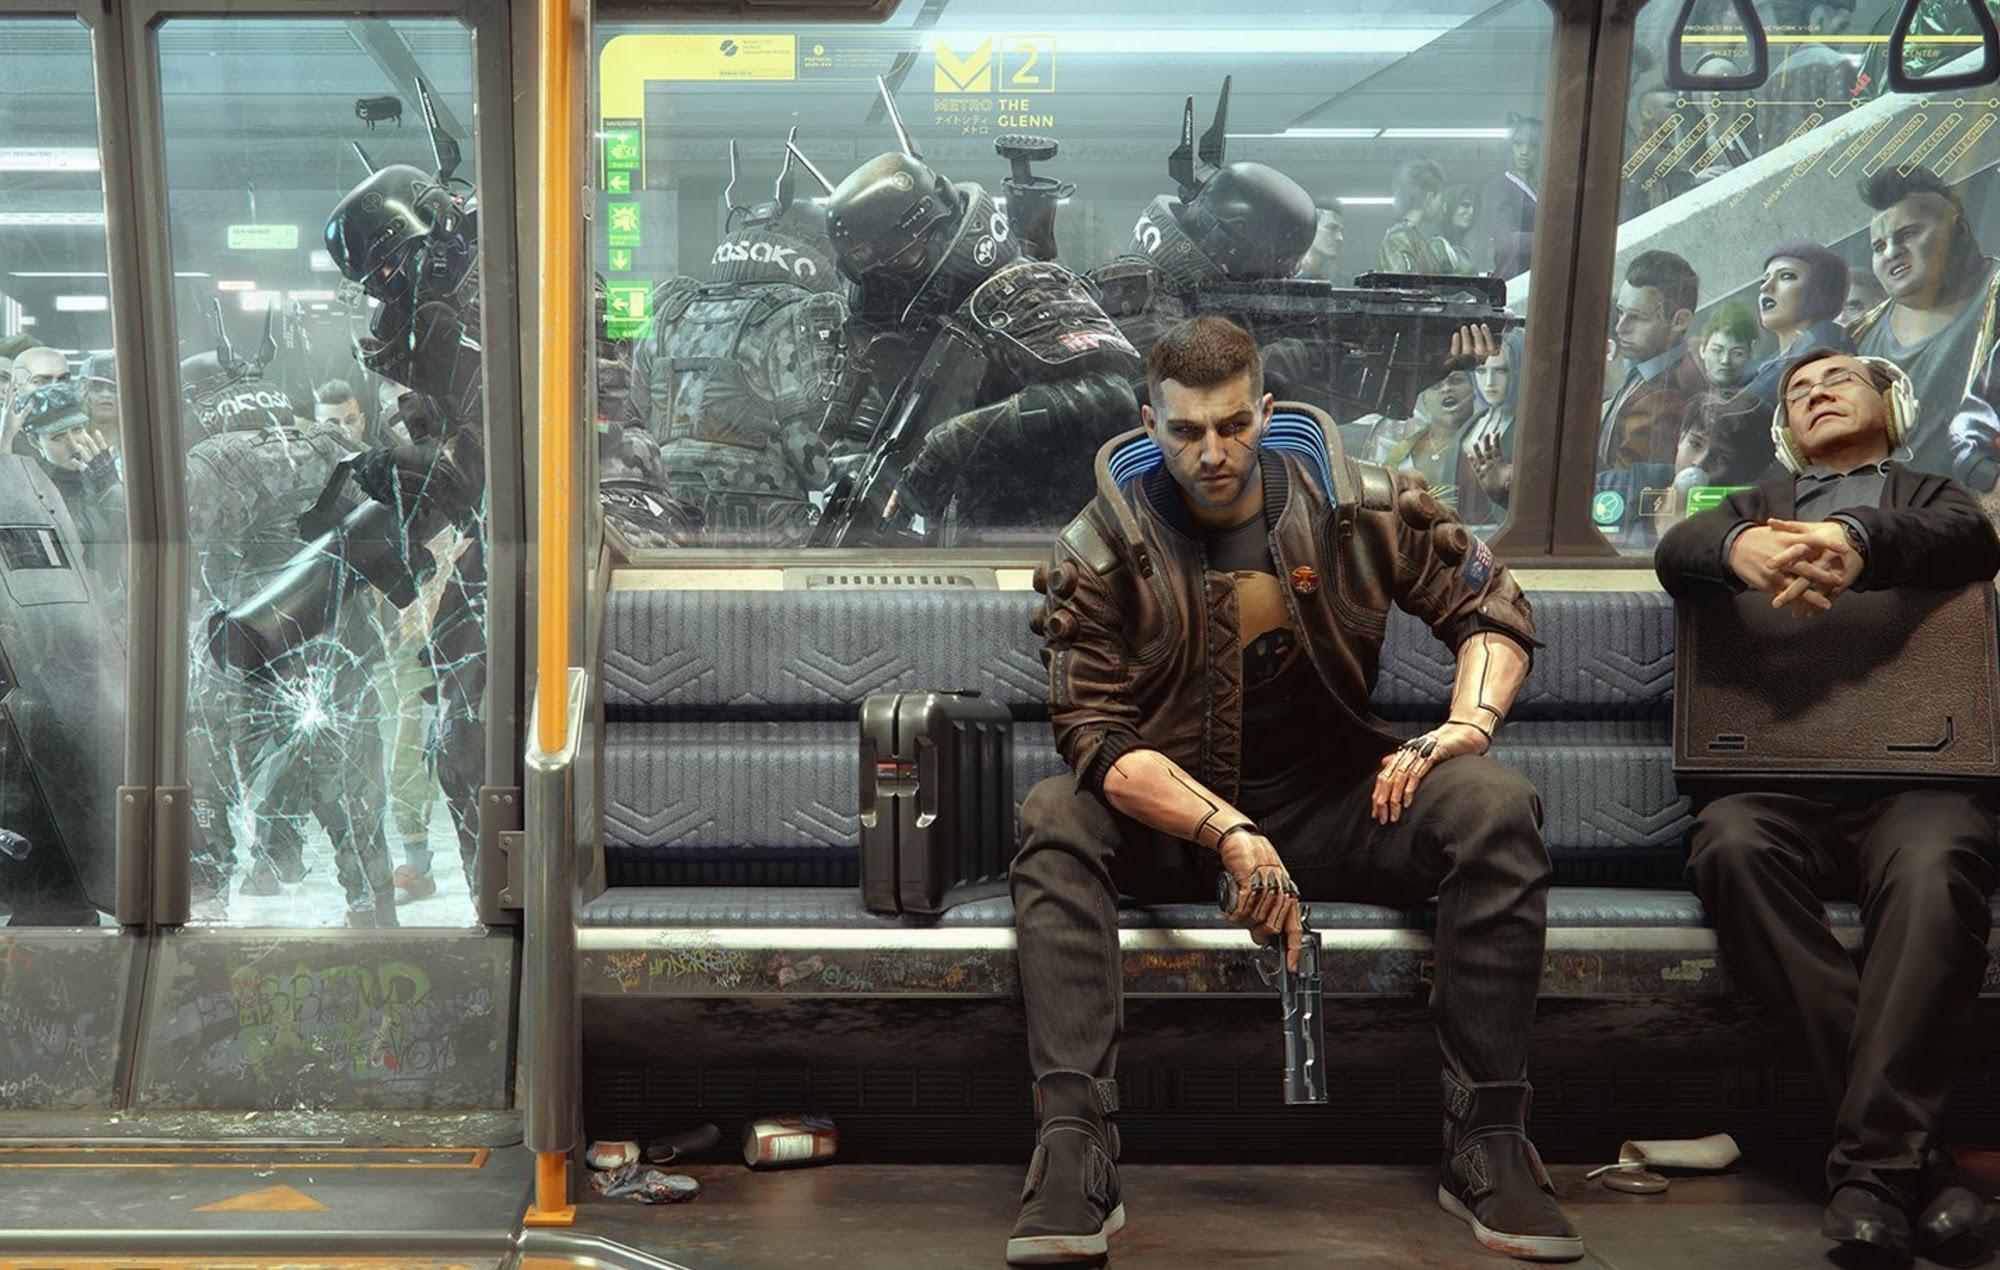 سی دی پراجکت رد انتشار نسخه ی نسل نهمی Cyberpunk 2077 در سال ۲۰۲۱ را تضمین نمی کند